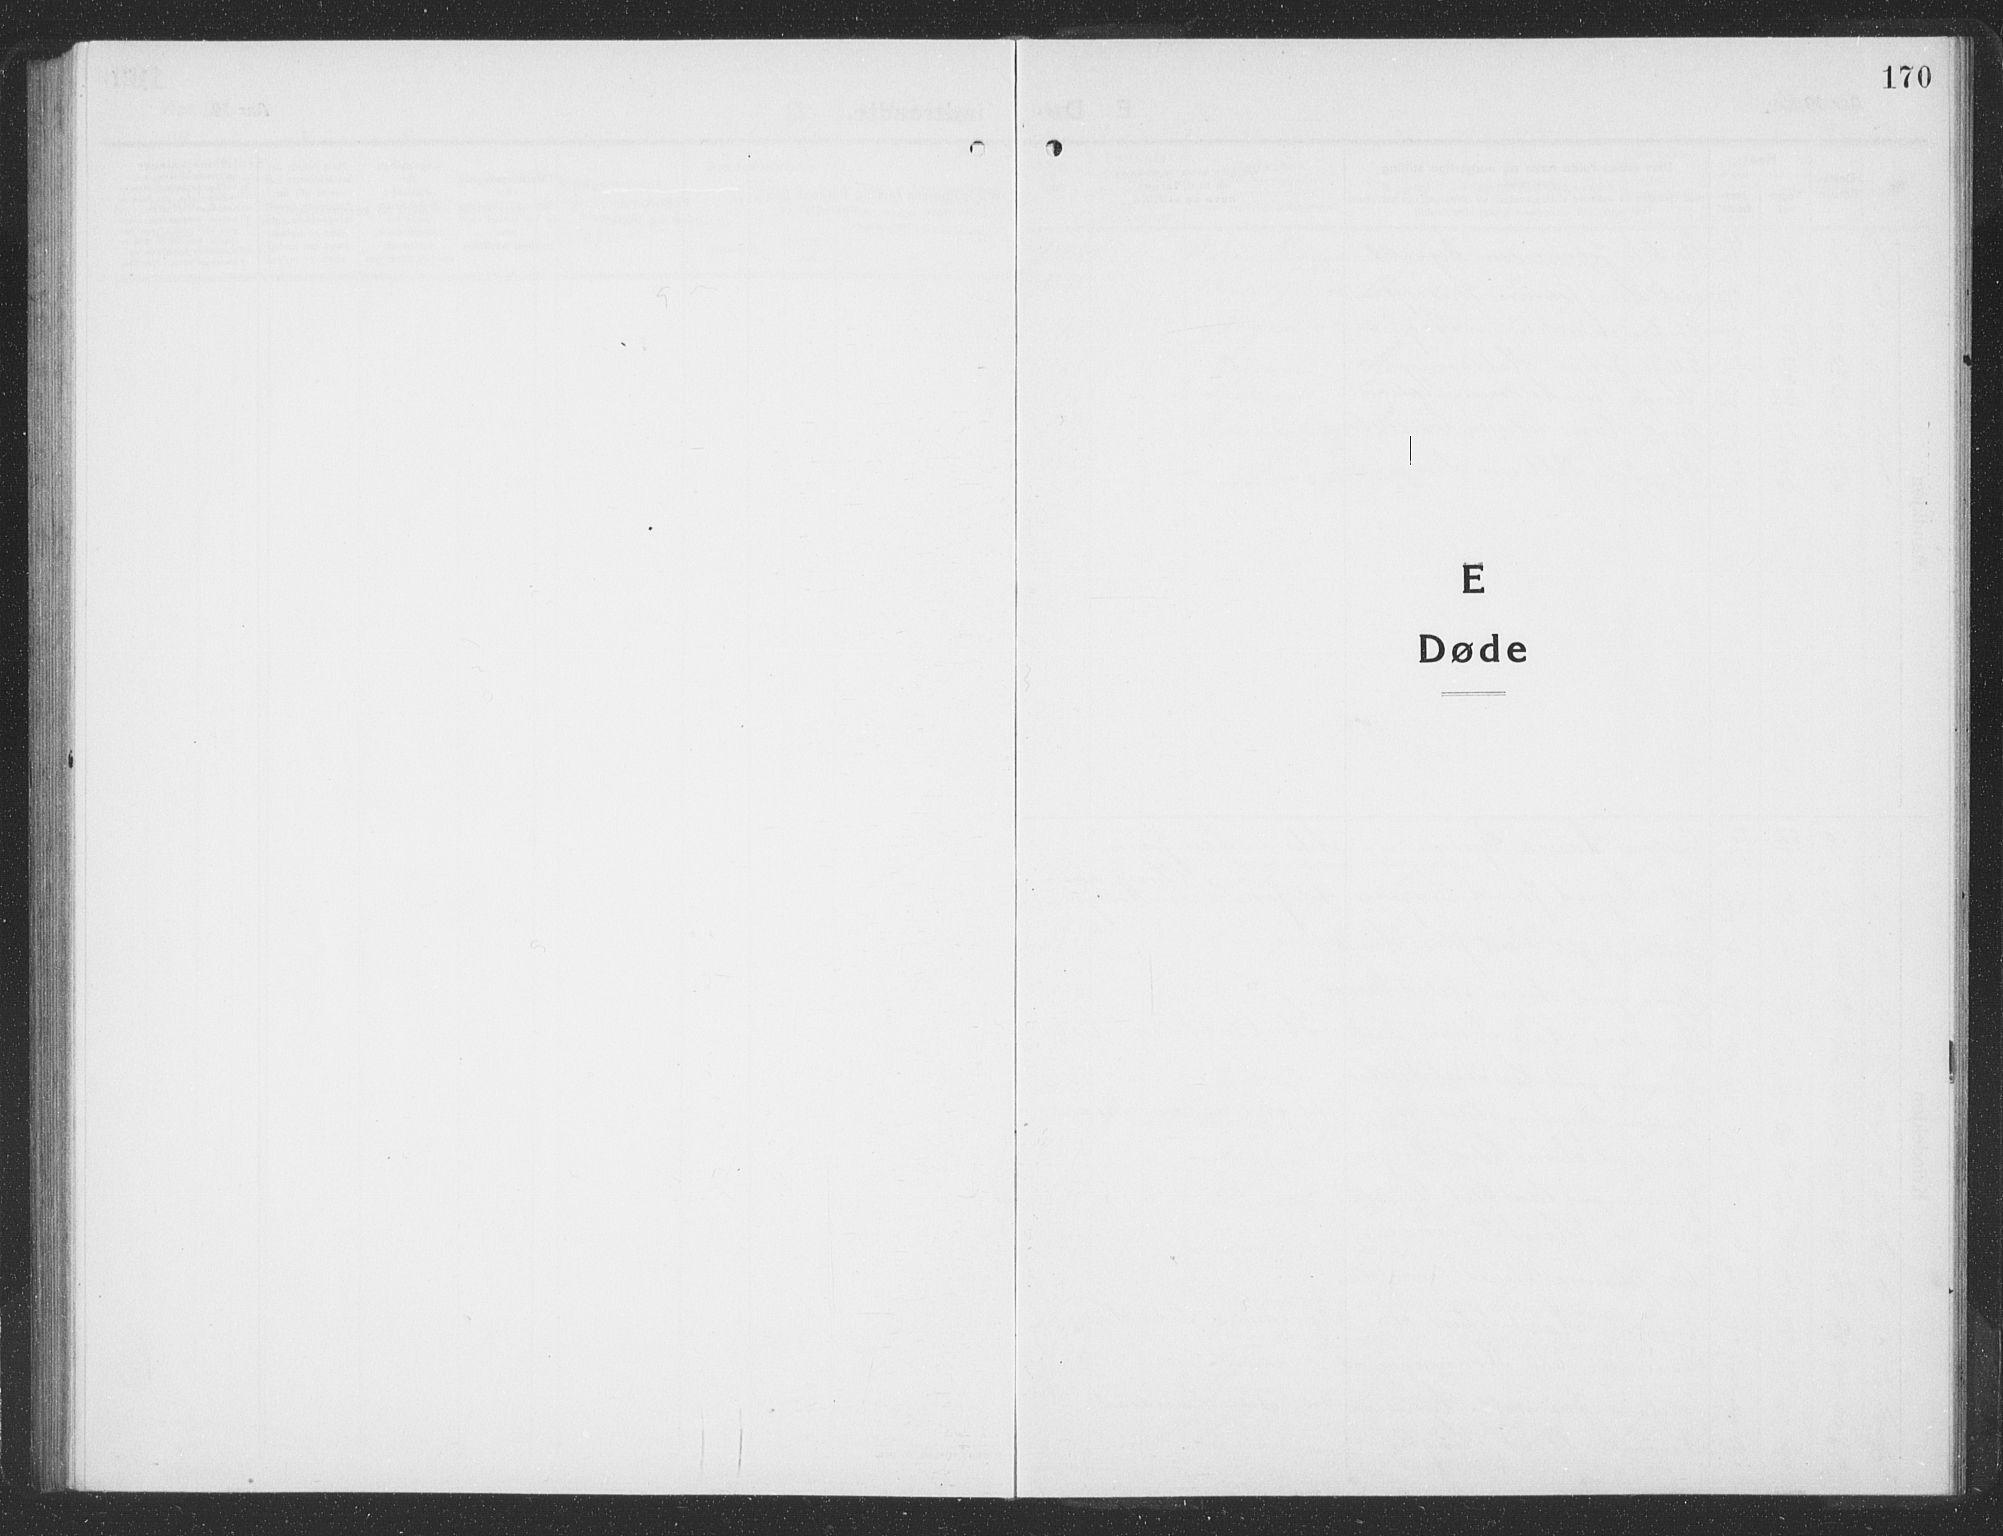 SAT, Ministerialprotokoller, klokkerbøker og fødselsregistre - Sør-Trøndelag, 688/L1030: Klokkerbok nr. 688C05, 1916-1939, s. 170